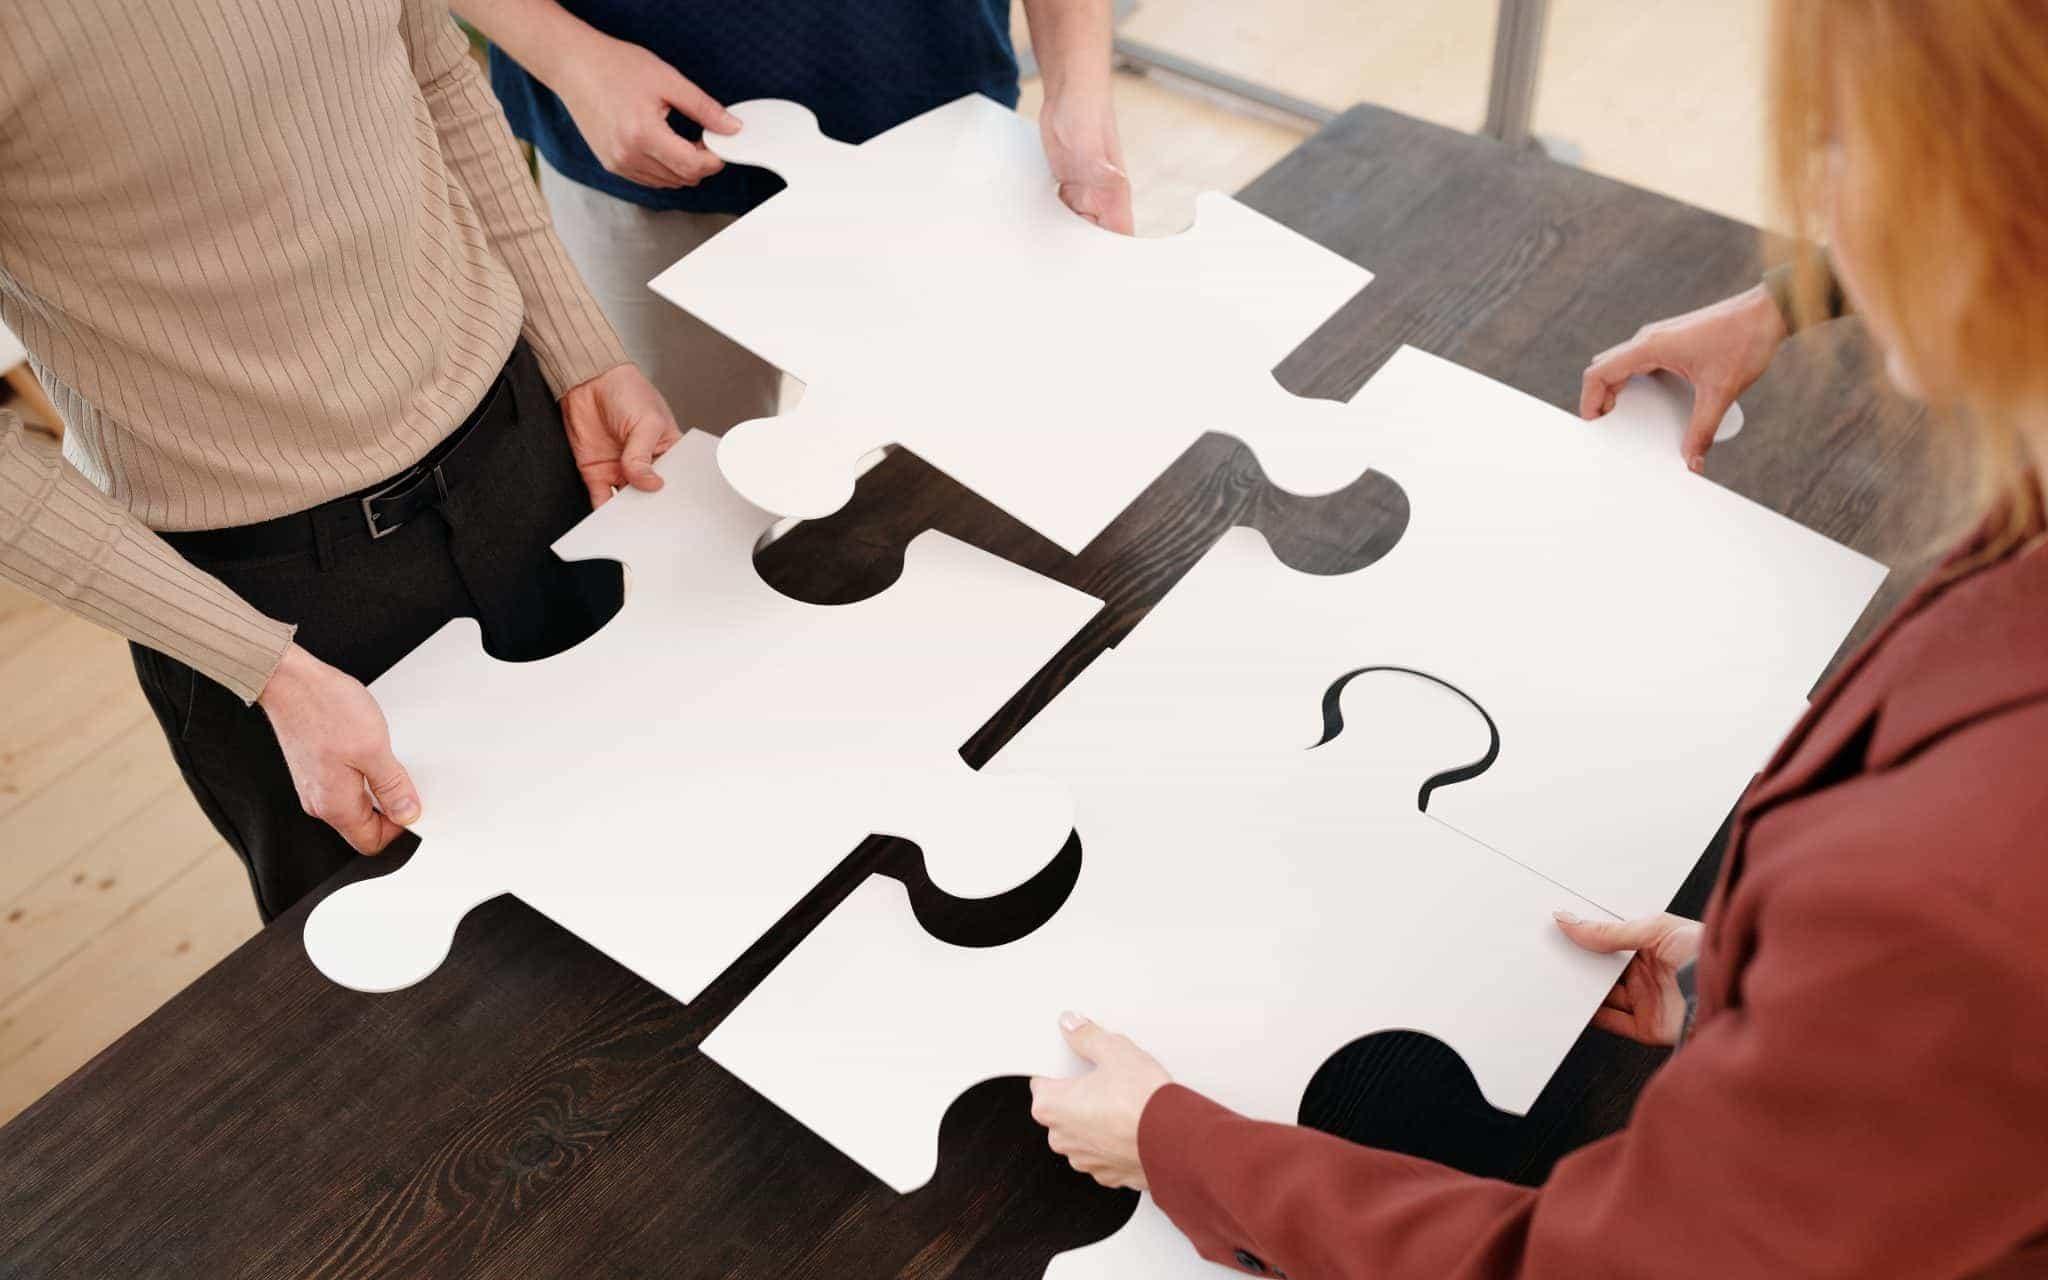 Checkliste Outsourcing: Auf diese 5 Punkte sollten Unternehmer unbedingt achten